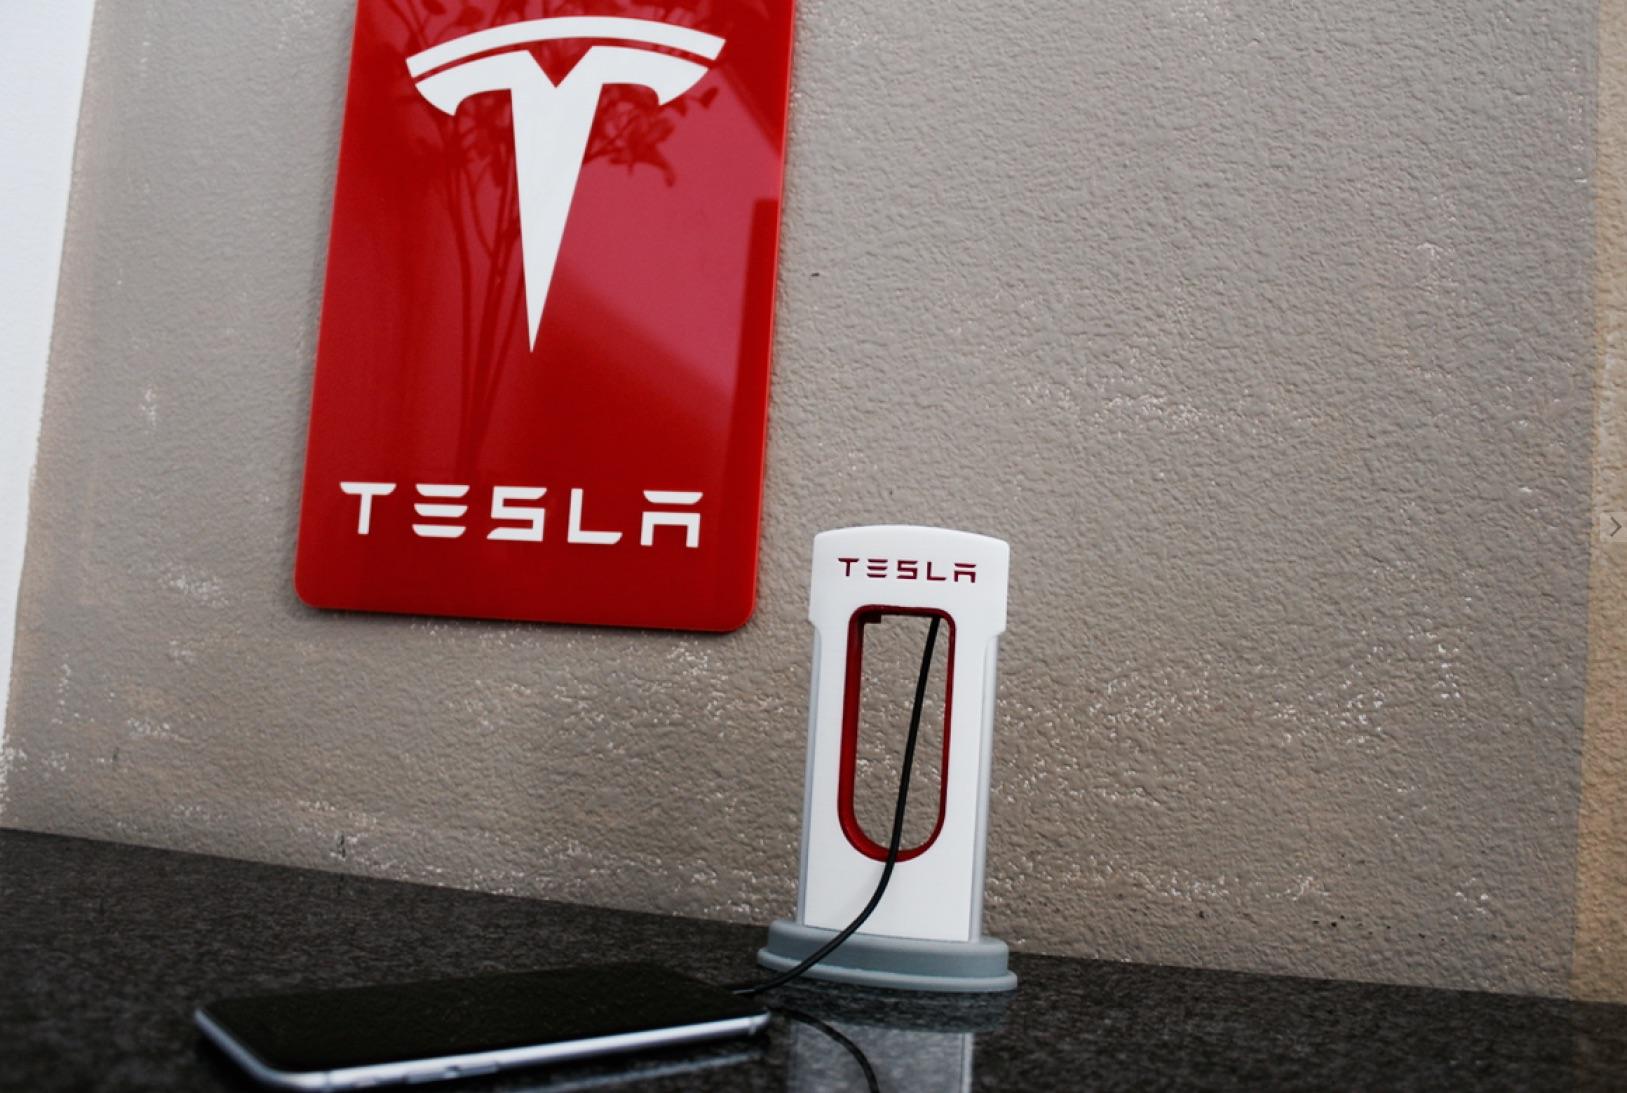 Luar Biasa! Beginilah Jadinya Jika Perusahaan Produsen Mobil Membuat Powerbank